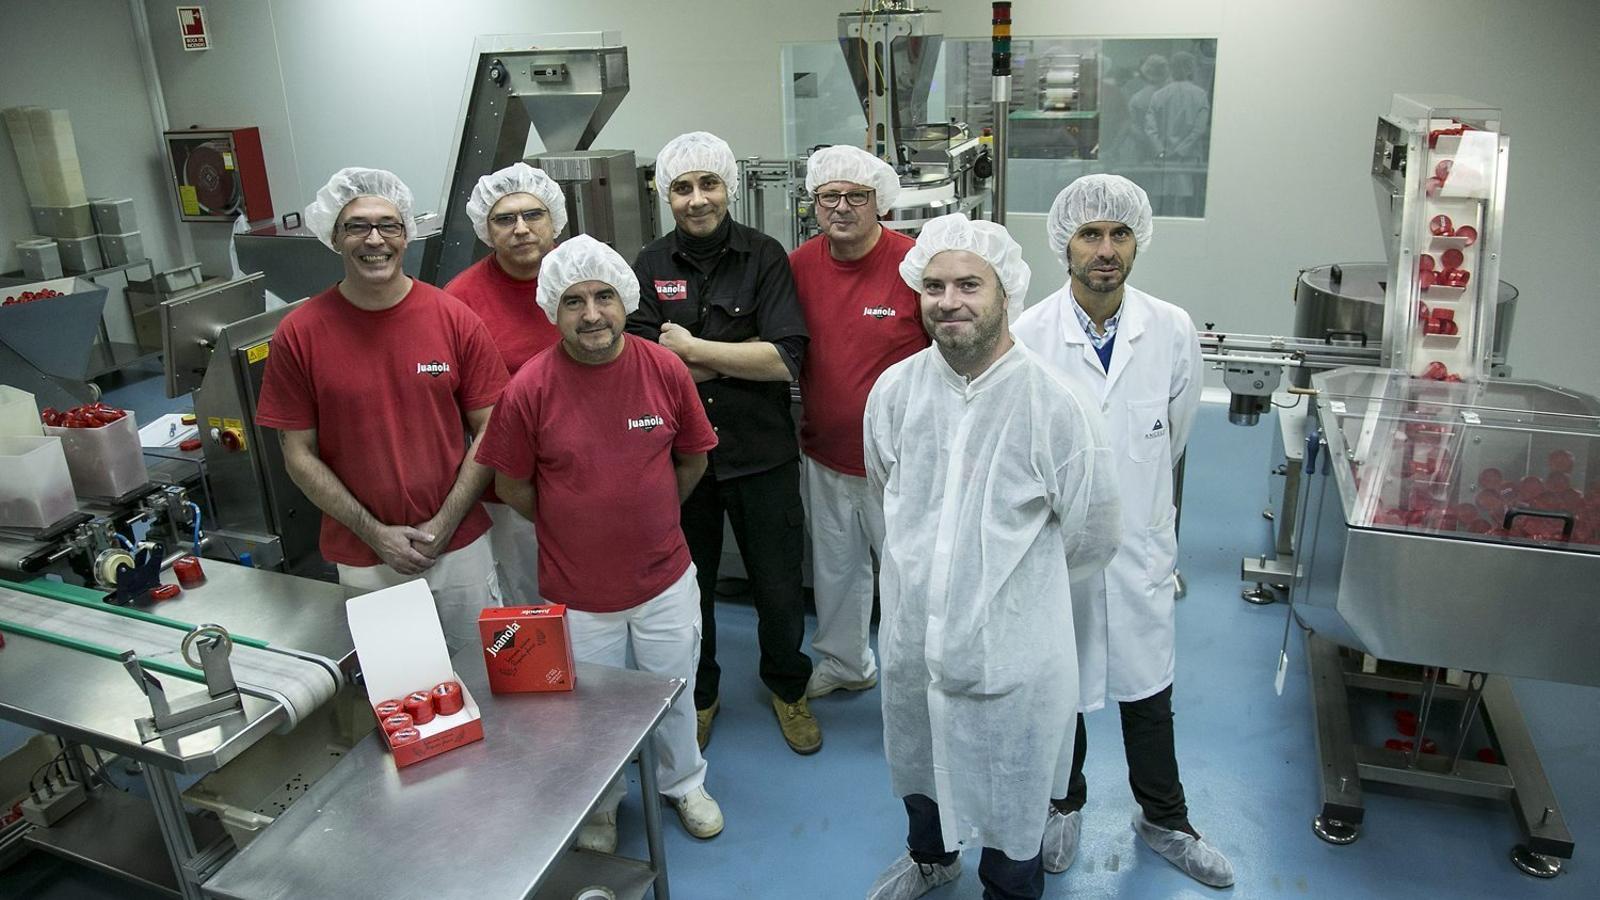 Els set homes que  hi ha darrere les pastilles Juanola